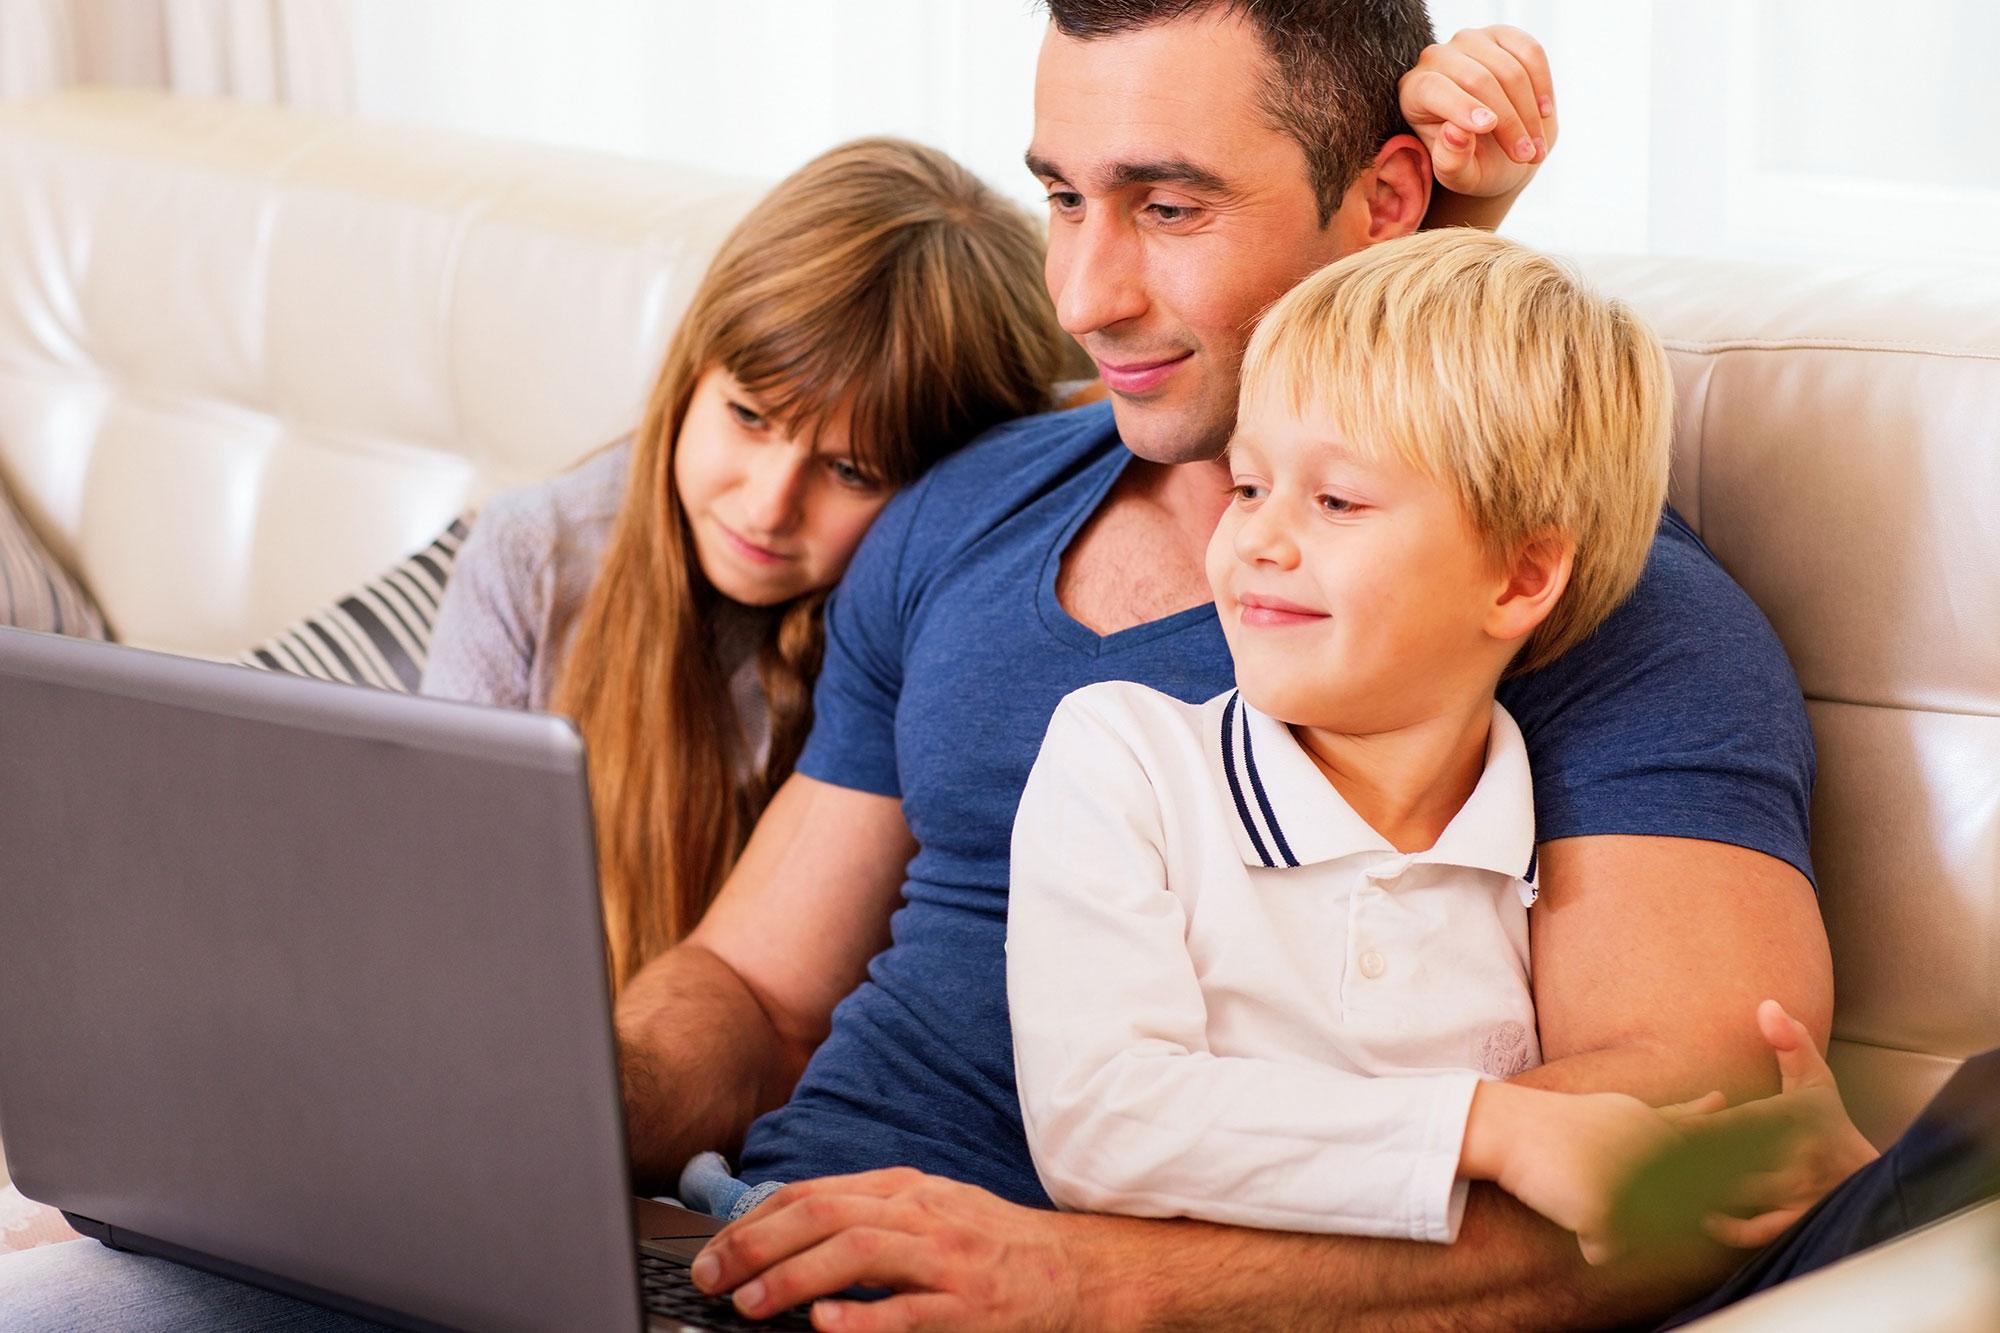 dad-kids-laptop